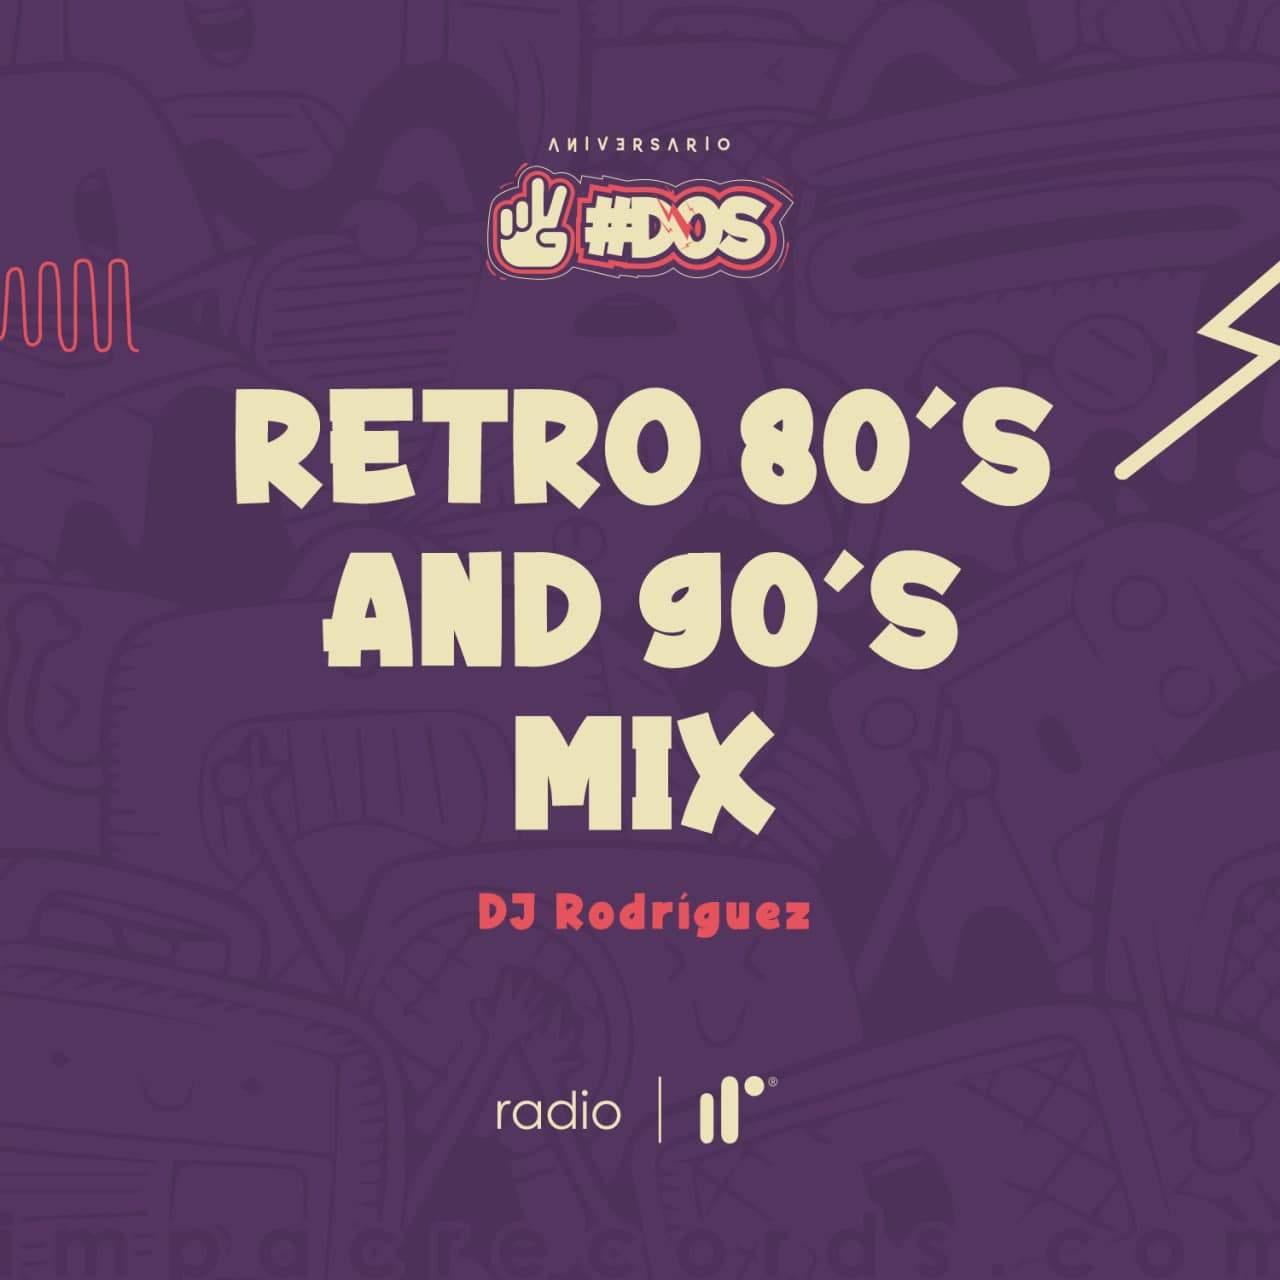 Retro 80 and 90 Mix